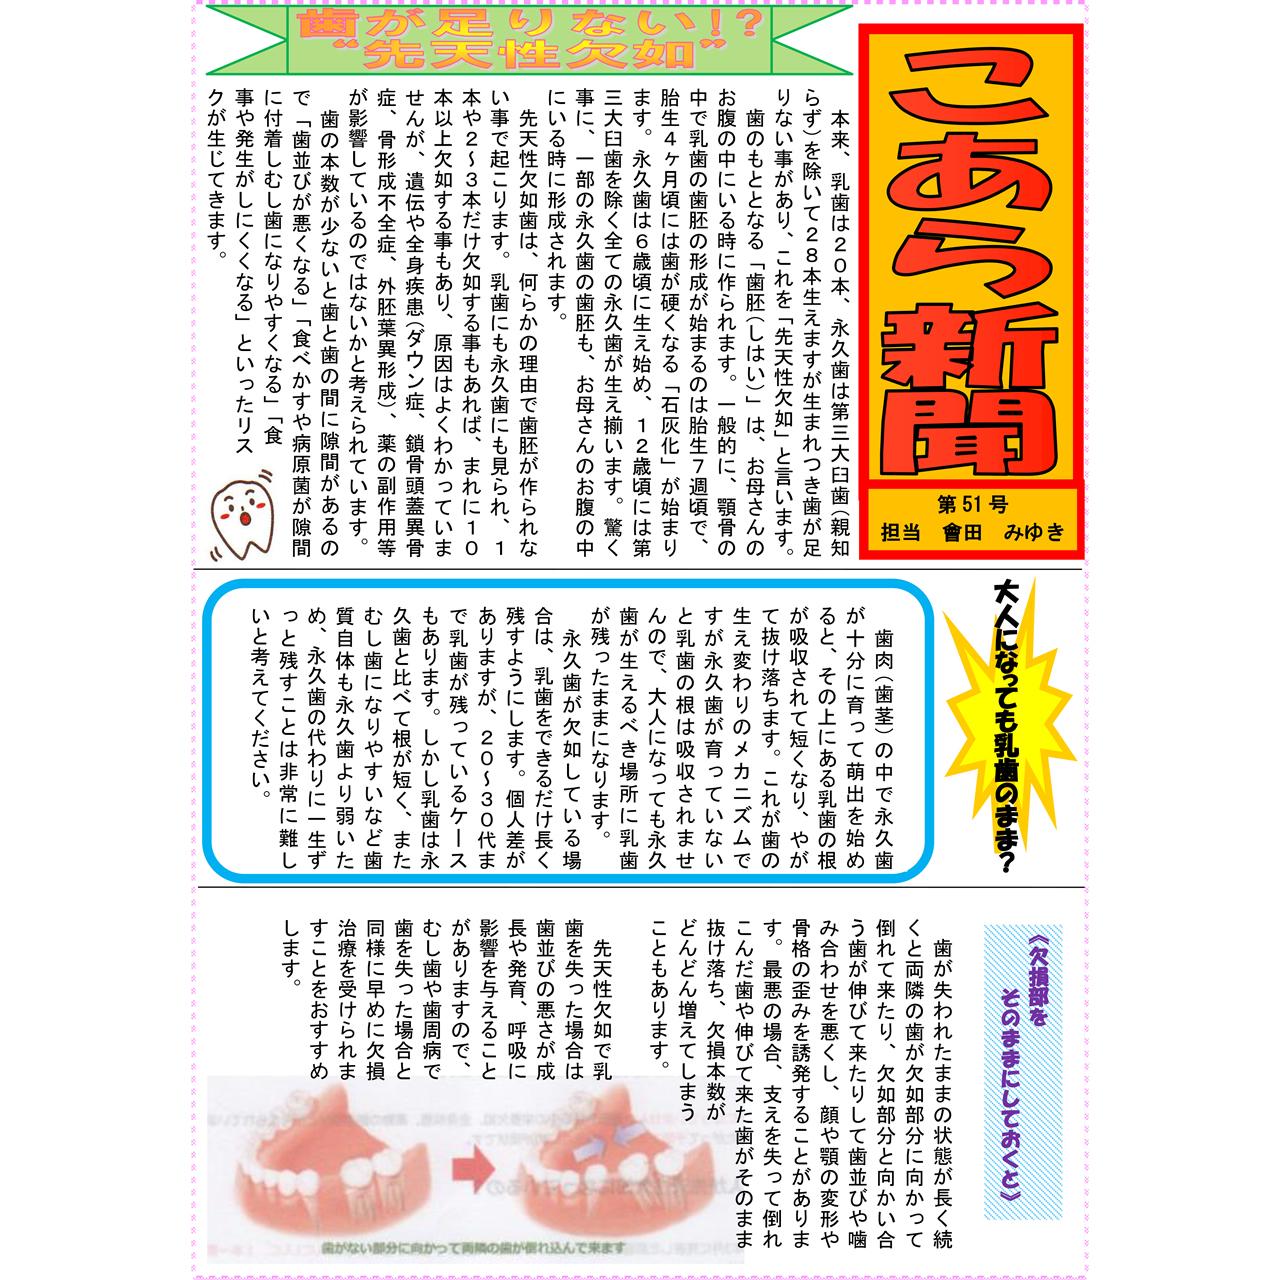 こあら新聞 第51号 担当 會田